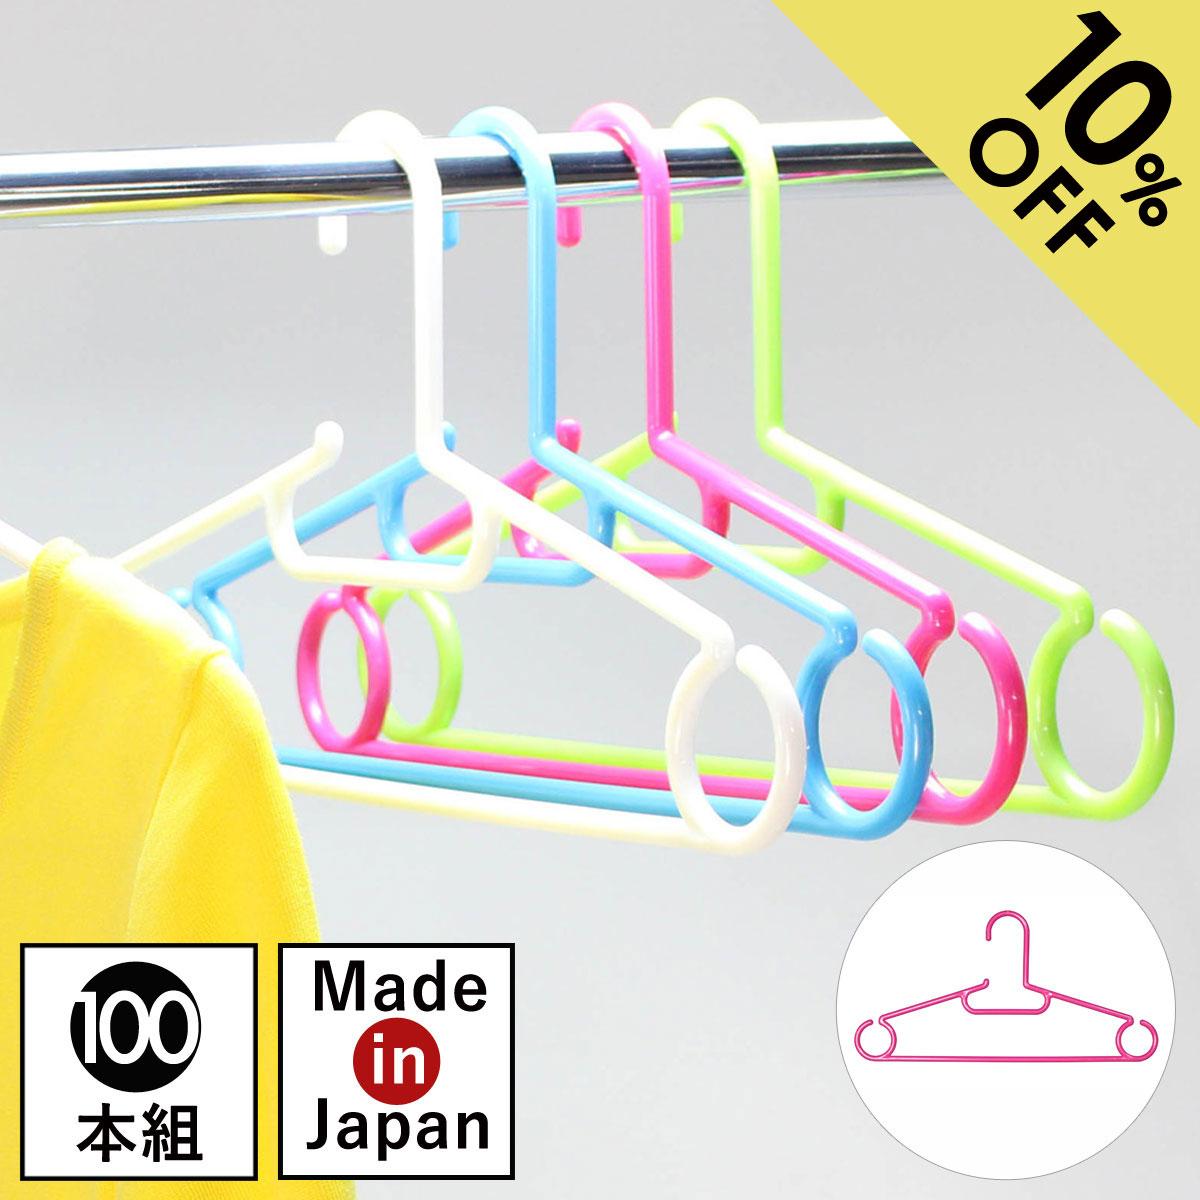 【最大2,000円OFFクーポン】ハンガー 洗濯 収納 カラフル 型崩れ プラスチックハンガー シャツ用 物干し Livido ハンガー Livido ファミリー100本セット カラフル おしゃれ かわいい